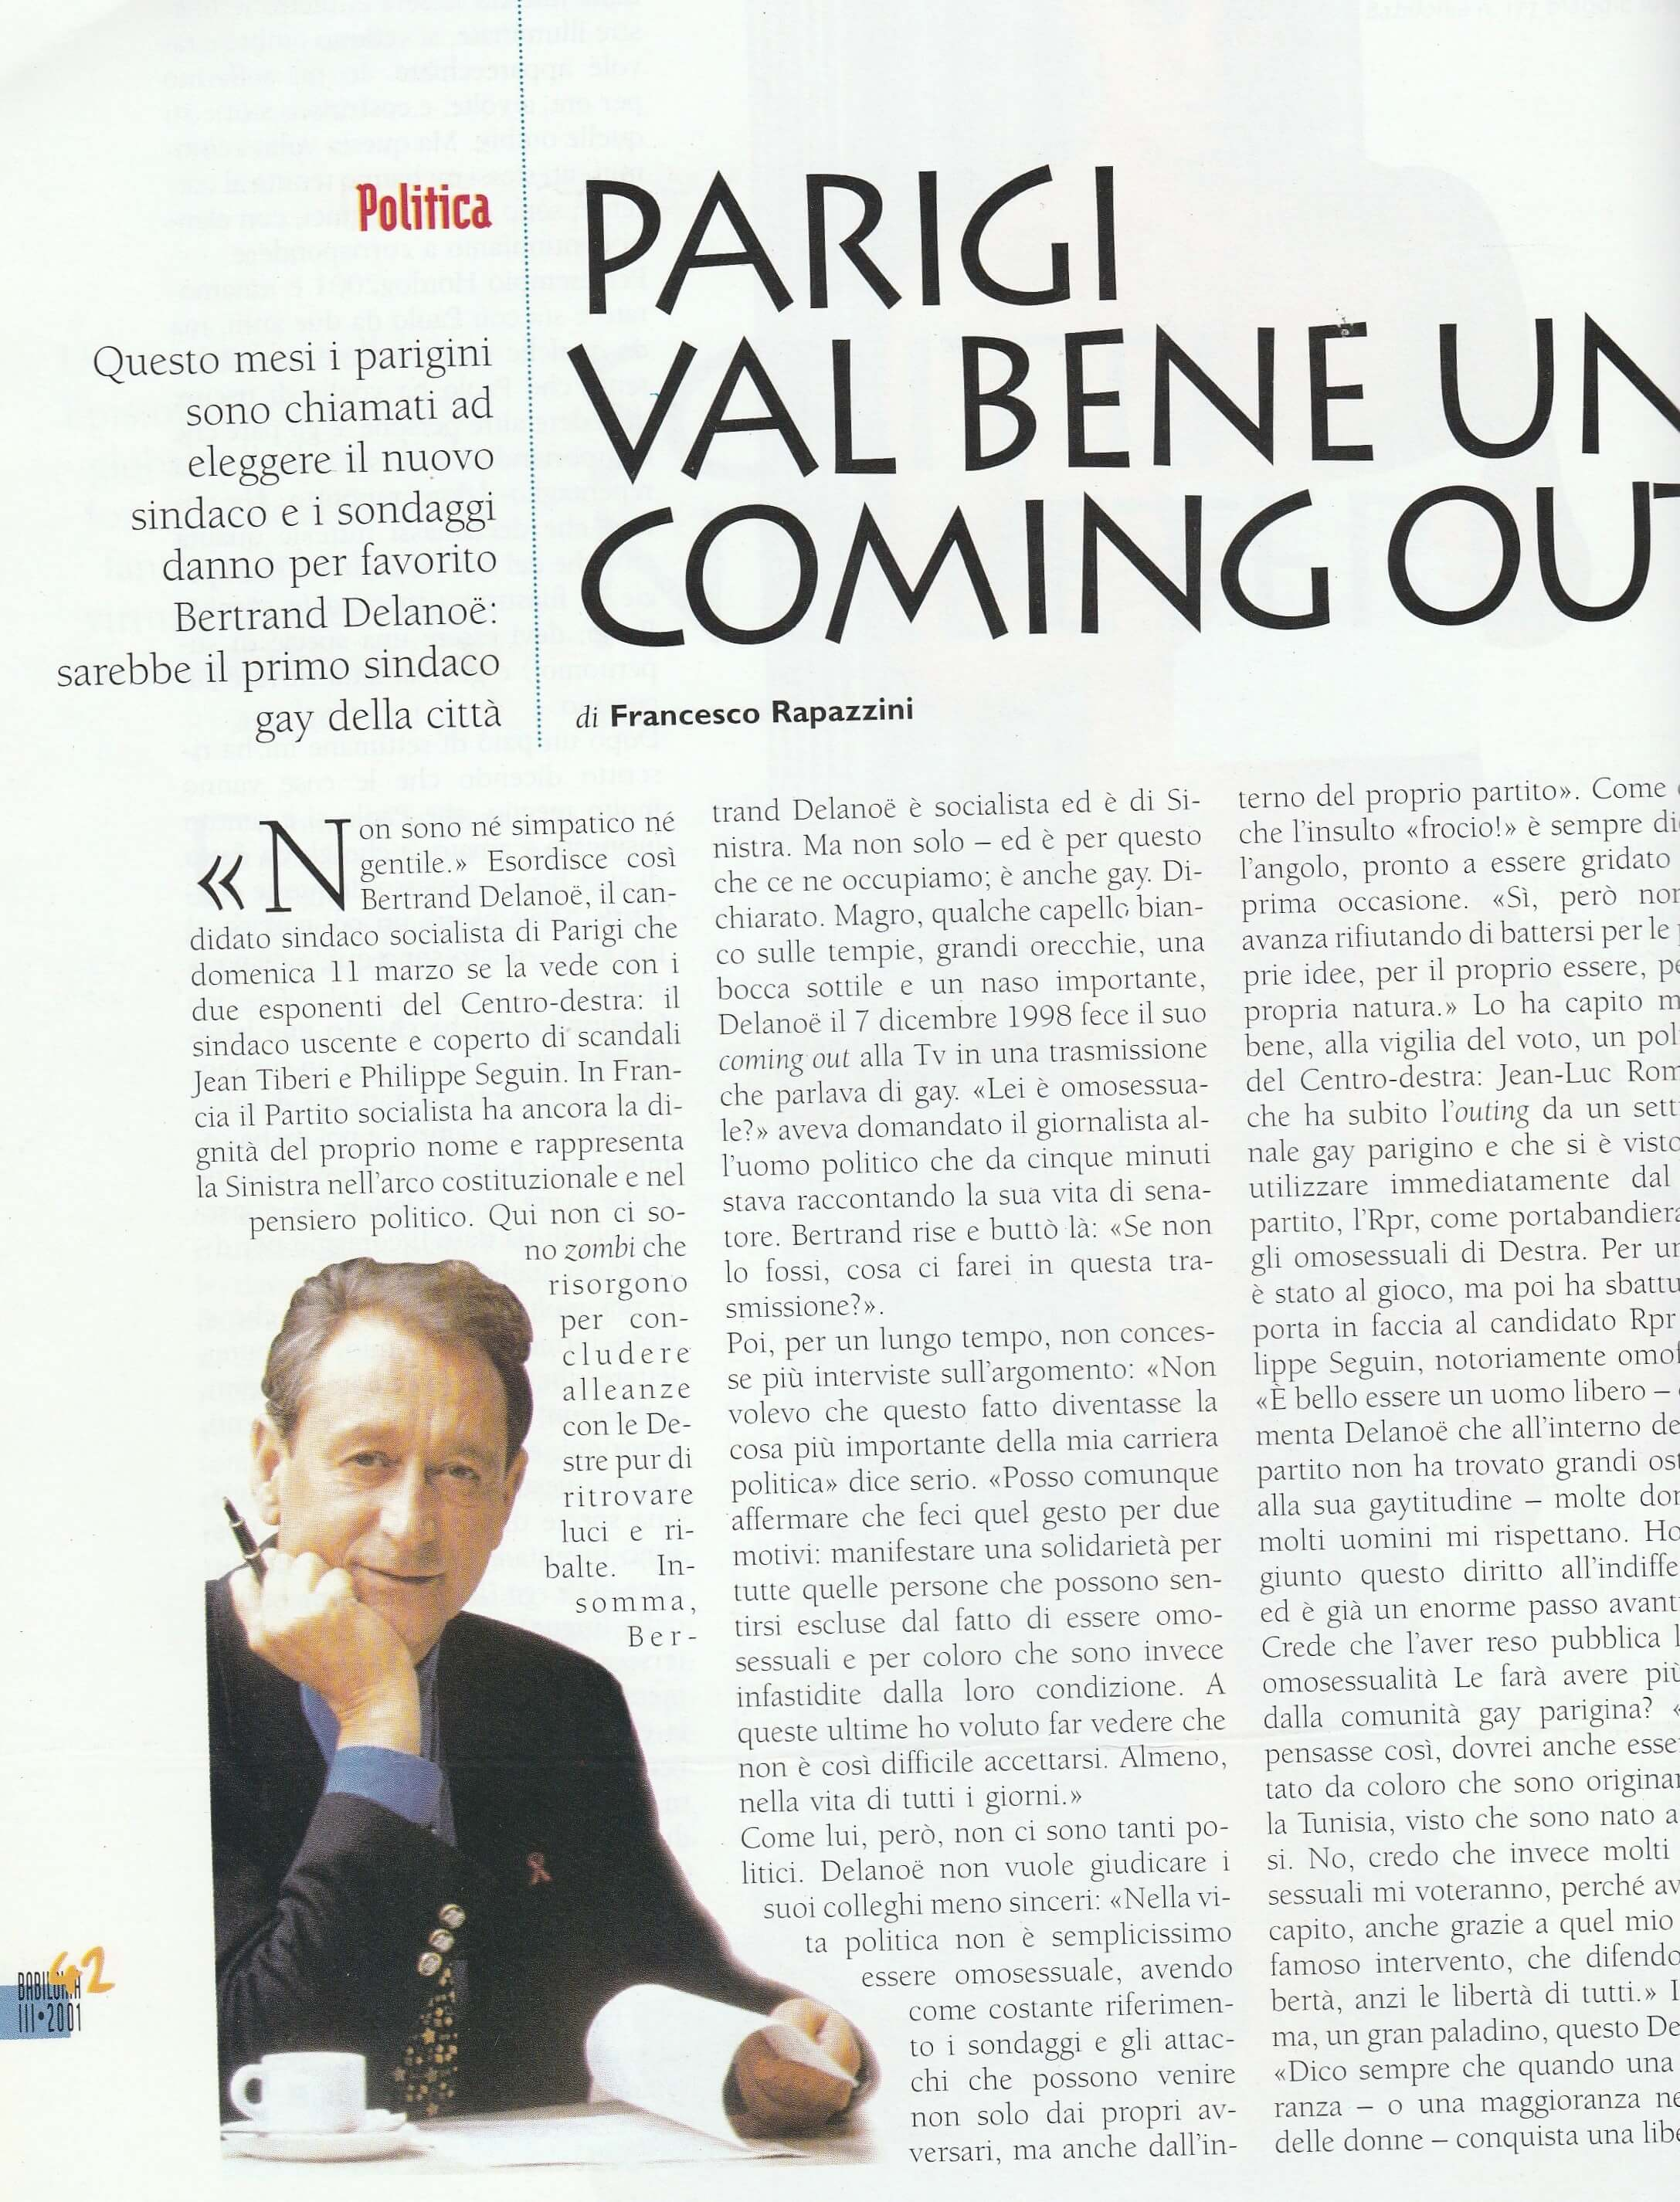 """Su """"Babilonia"""" del marzo 2001, Francesco Rapazzini oparla delle elezioni per il sindaco di Parigi che si sarebbero svolte nello stesso mese. Venne poi eletto il candidato socialista Betrand Delanoë, dichiaratamente gay."""